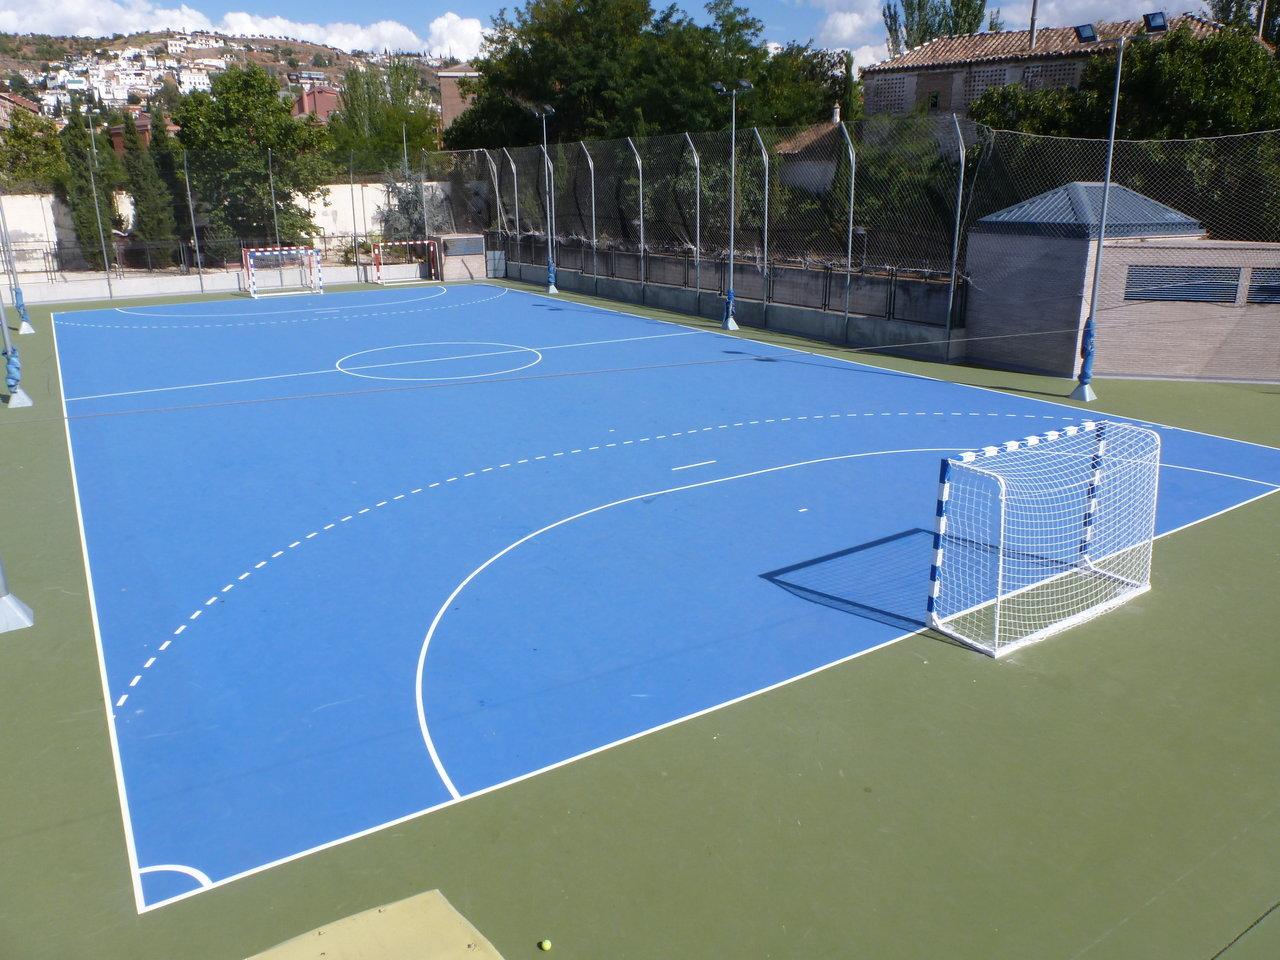 Pista exterior 3 pista de f tbol sala exterior for Pista de futbol sala medidas